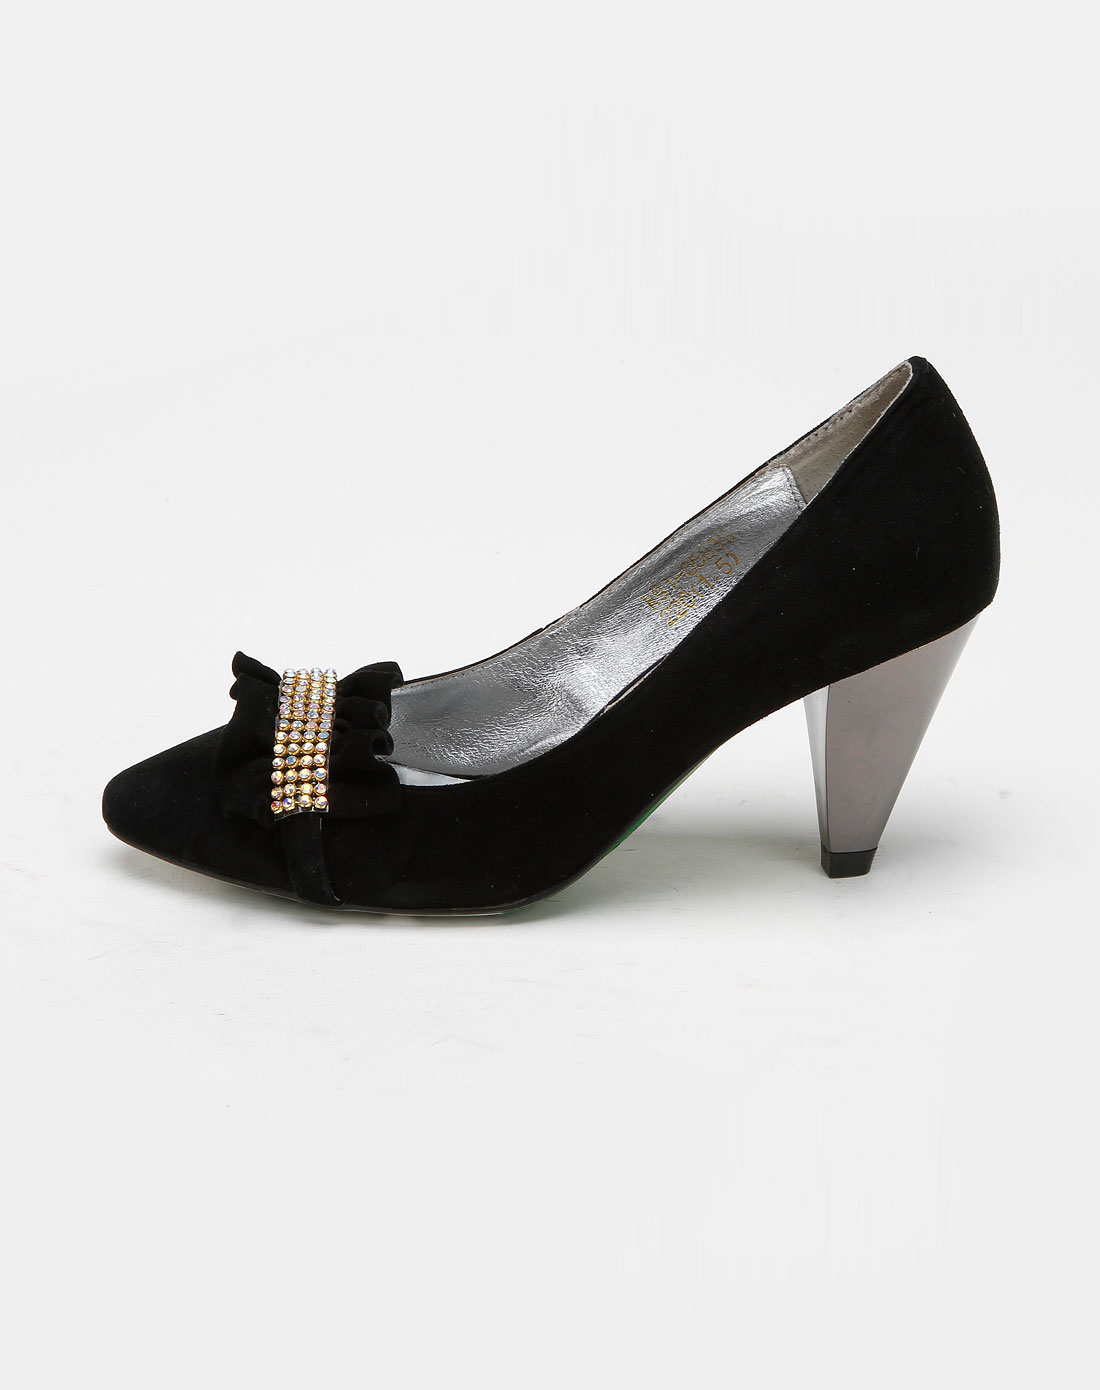 时尚高跟鞋设计图分享展示